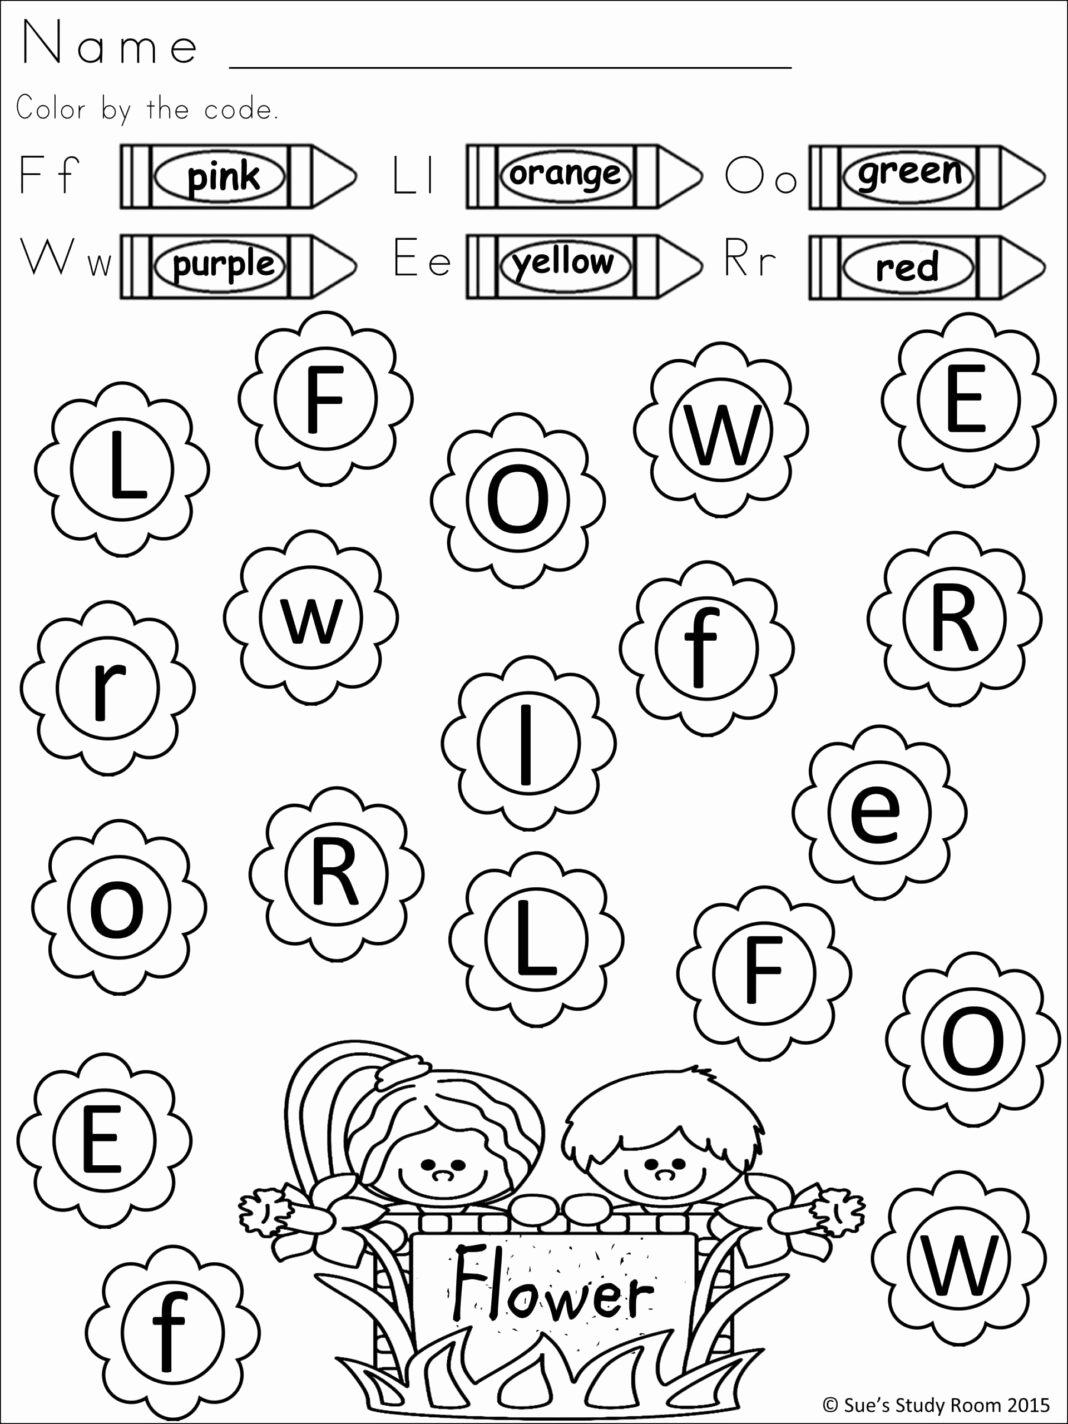 Letter Recognition Worksheets for Kindergarten Free Worksheets Preschool Letter Recognition Worksheets